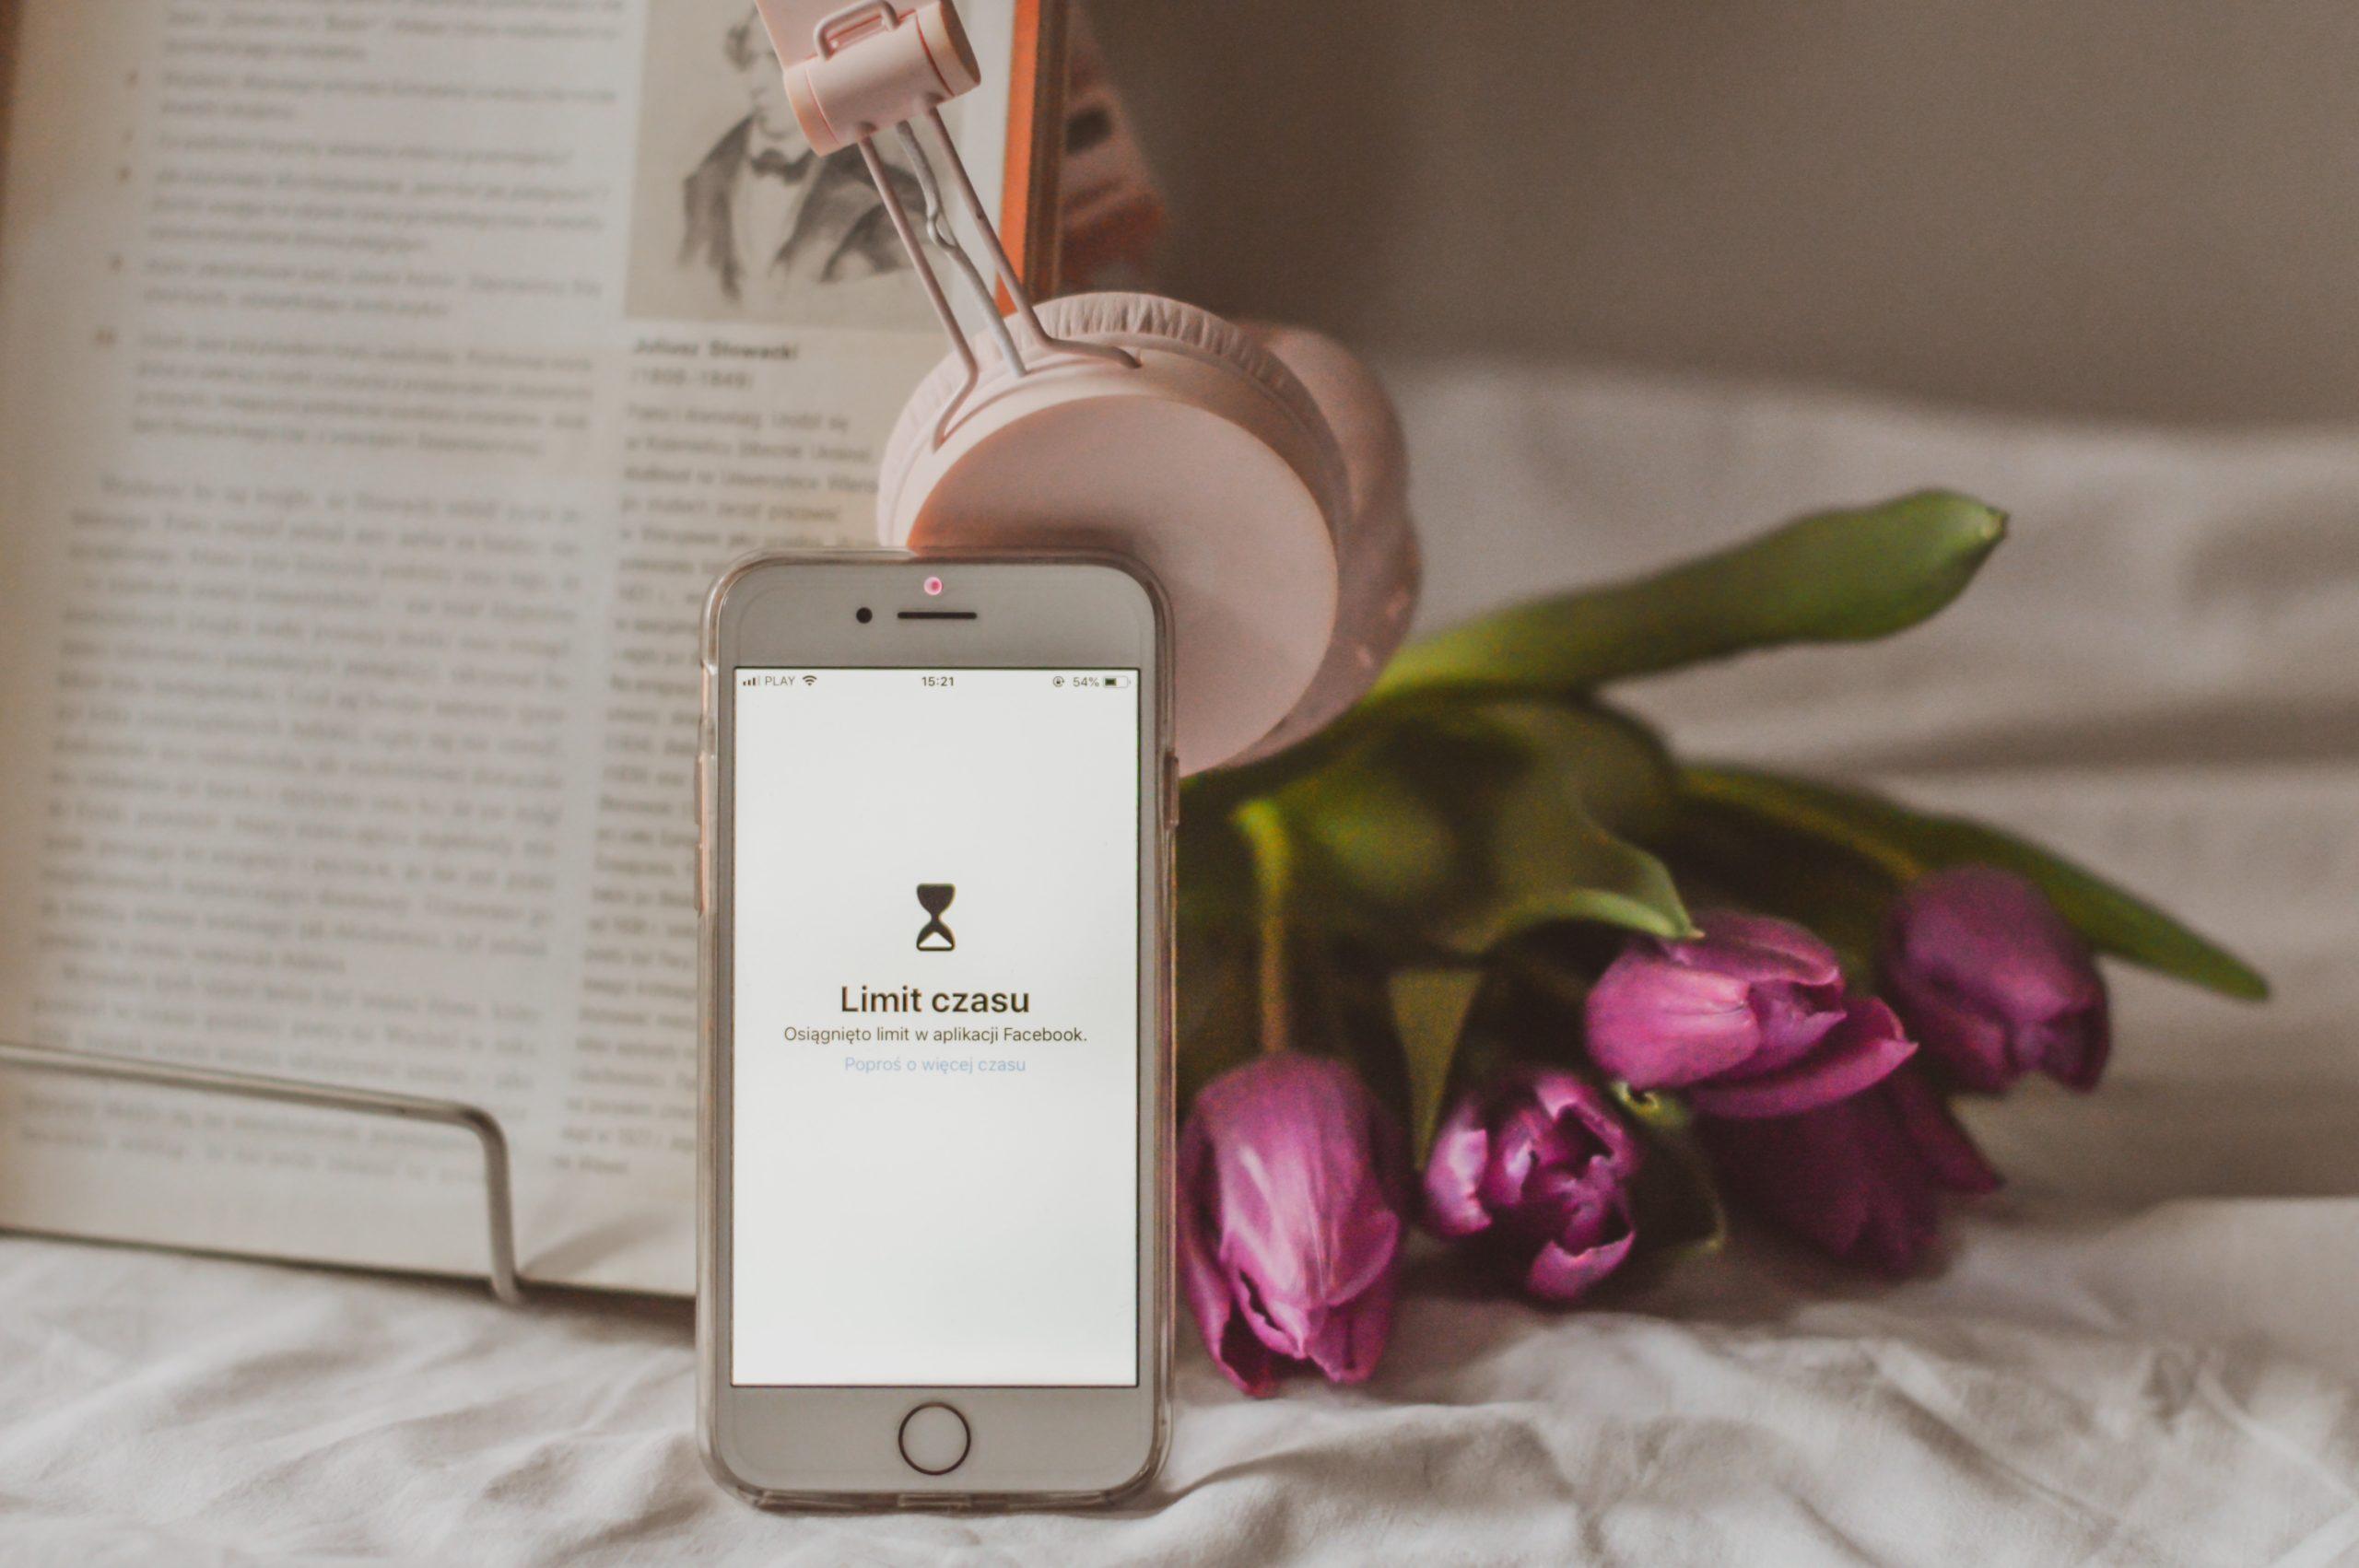 iphone, fioletowe tulipany, słuchawki, książka